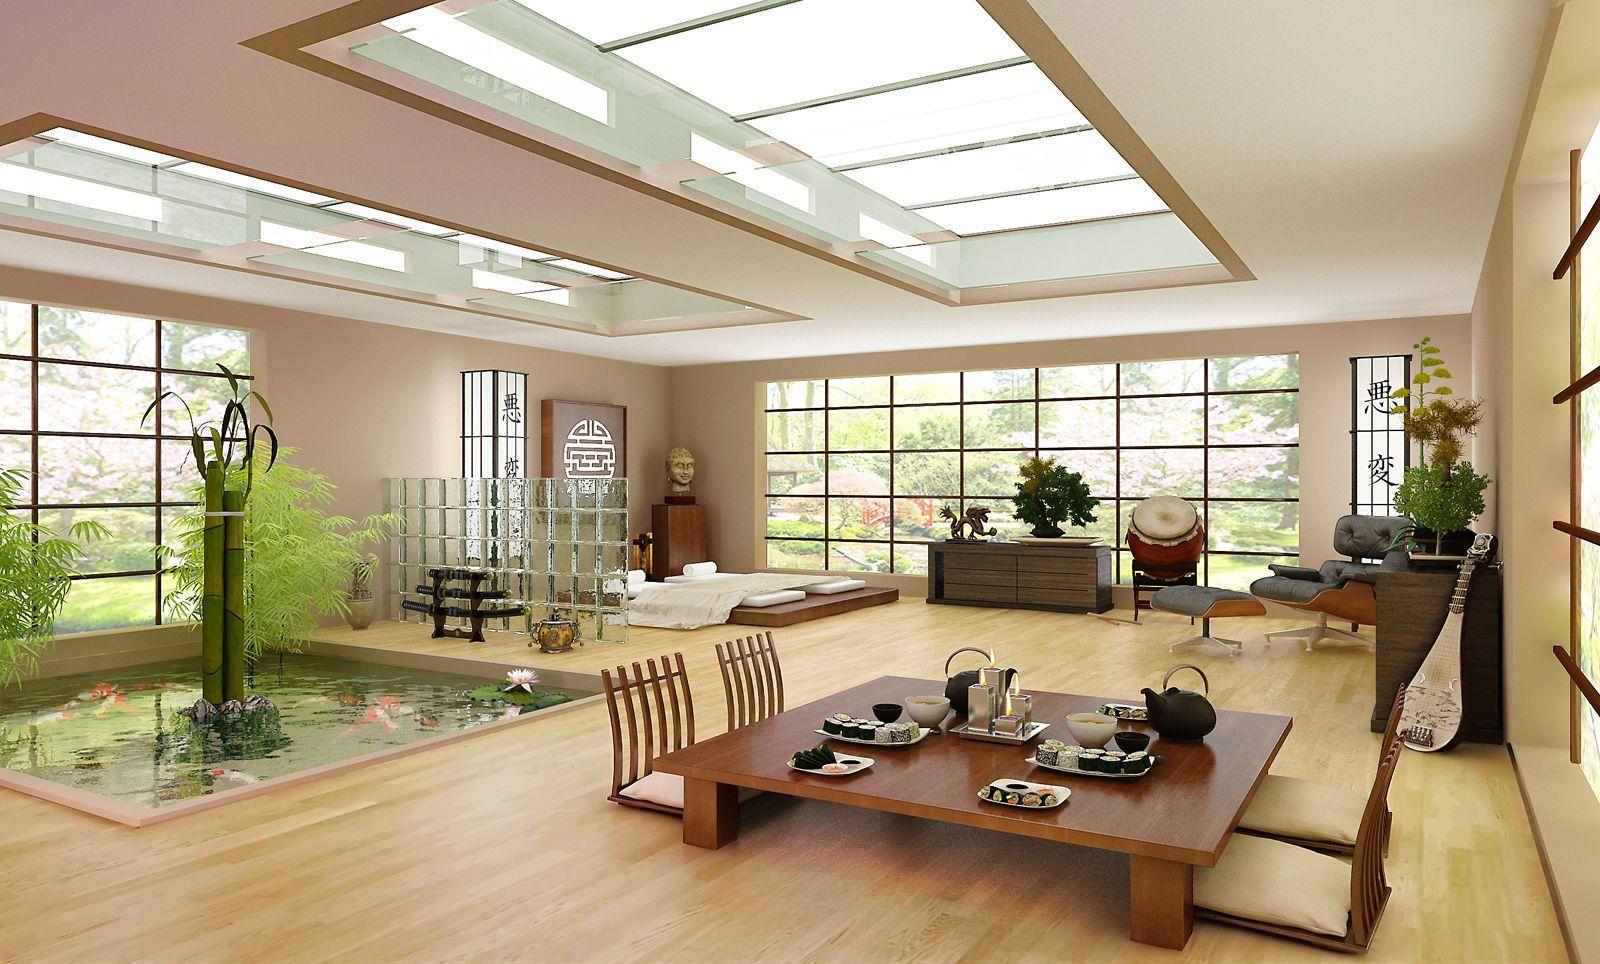 2018 年の 2972 ideas luxury interior homes 集合住宅 japanese